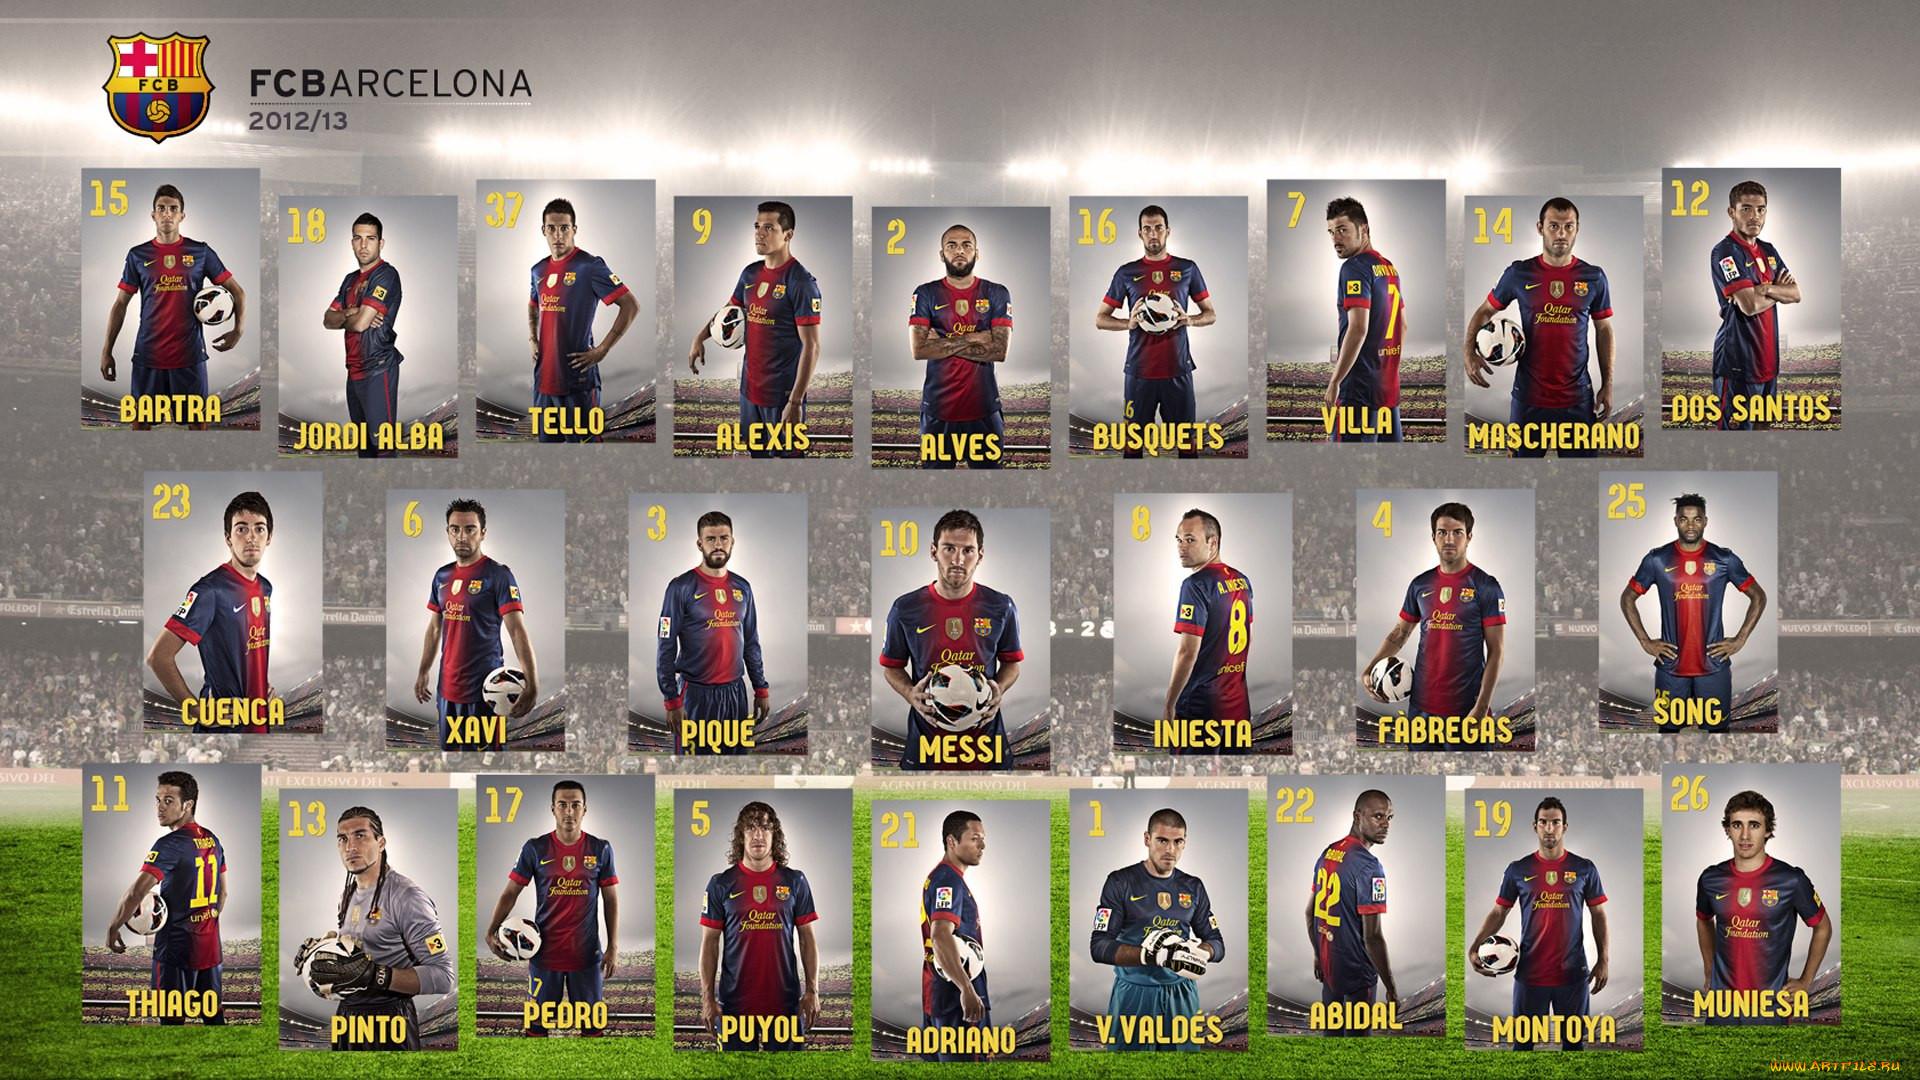 Футболисты барселоны имена и фото